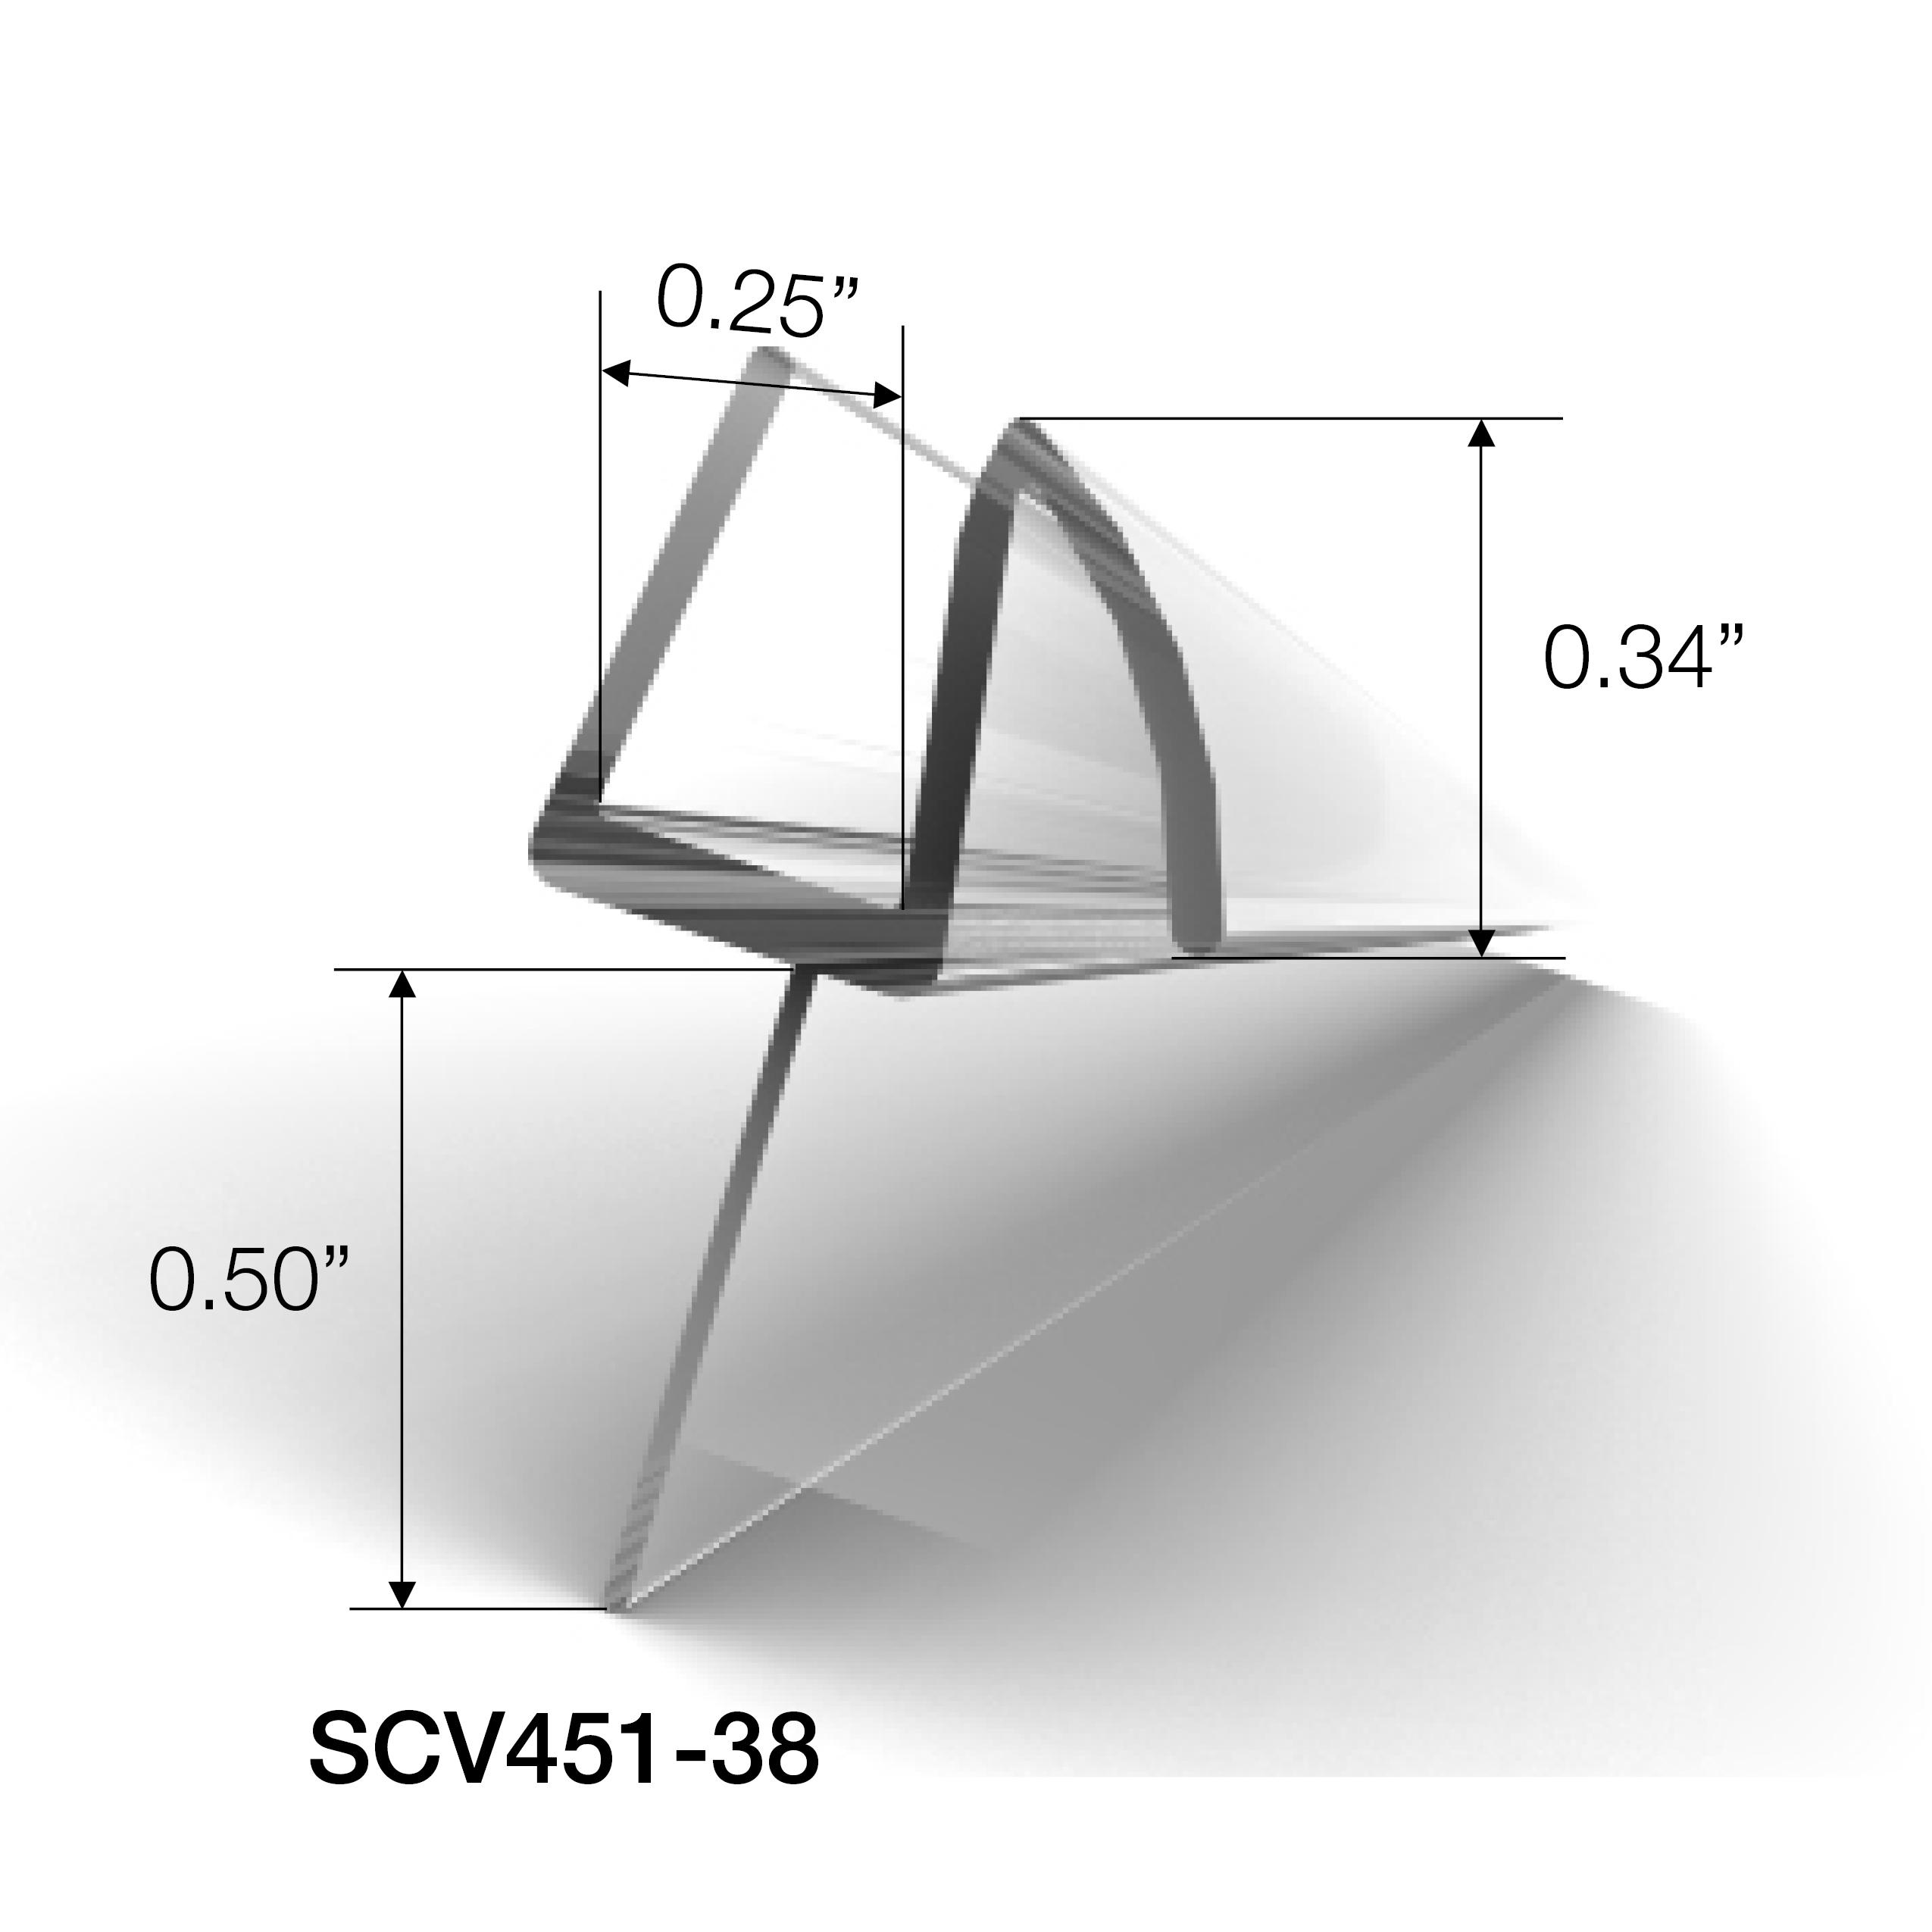 Scv451 38 Dimensions